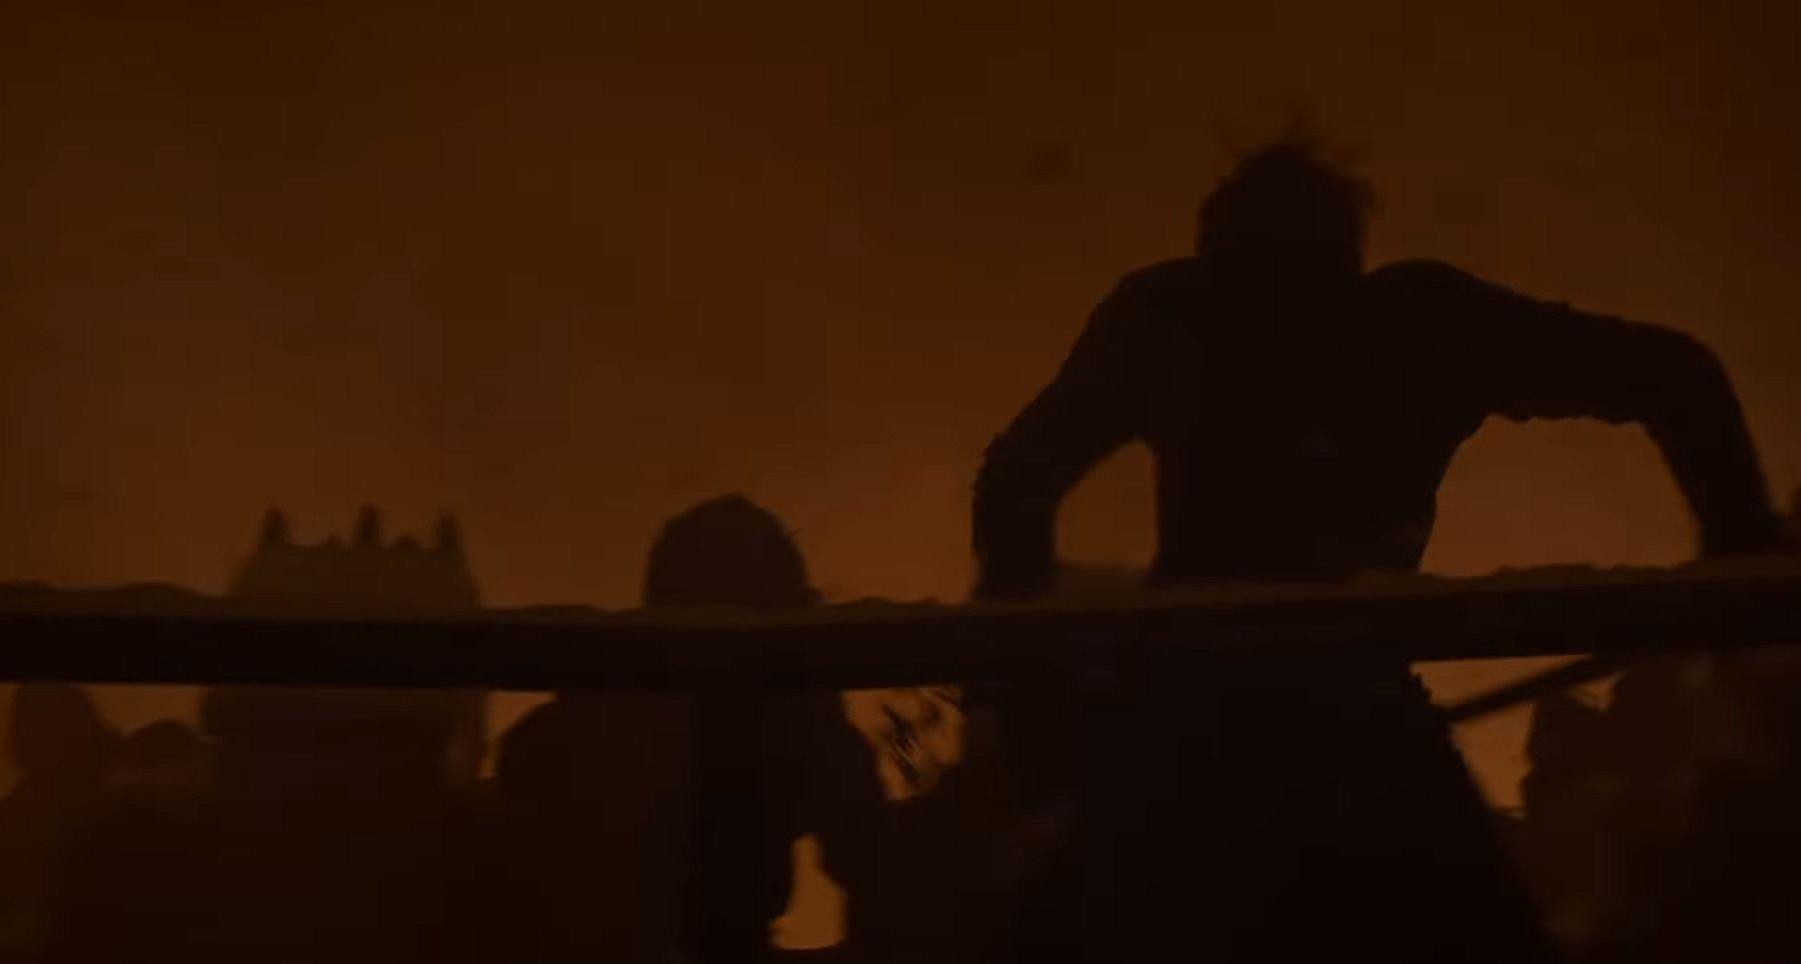 When Will The Battle Of Winterfell Happen? The 'GOT' Season